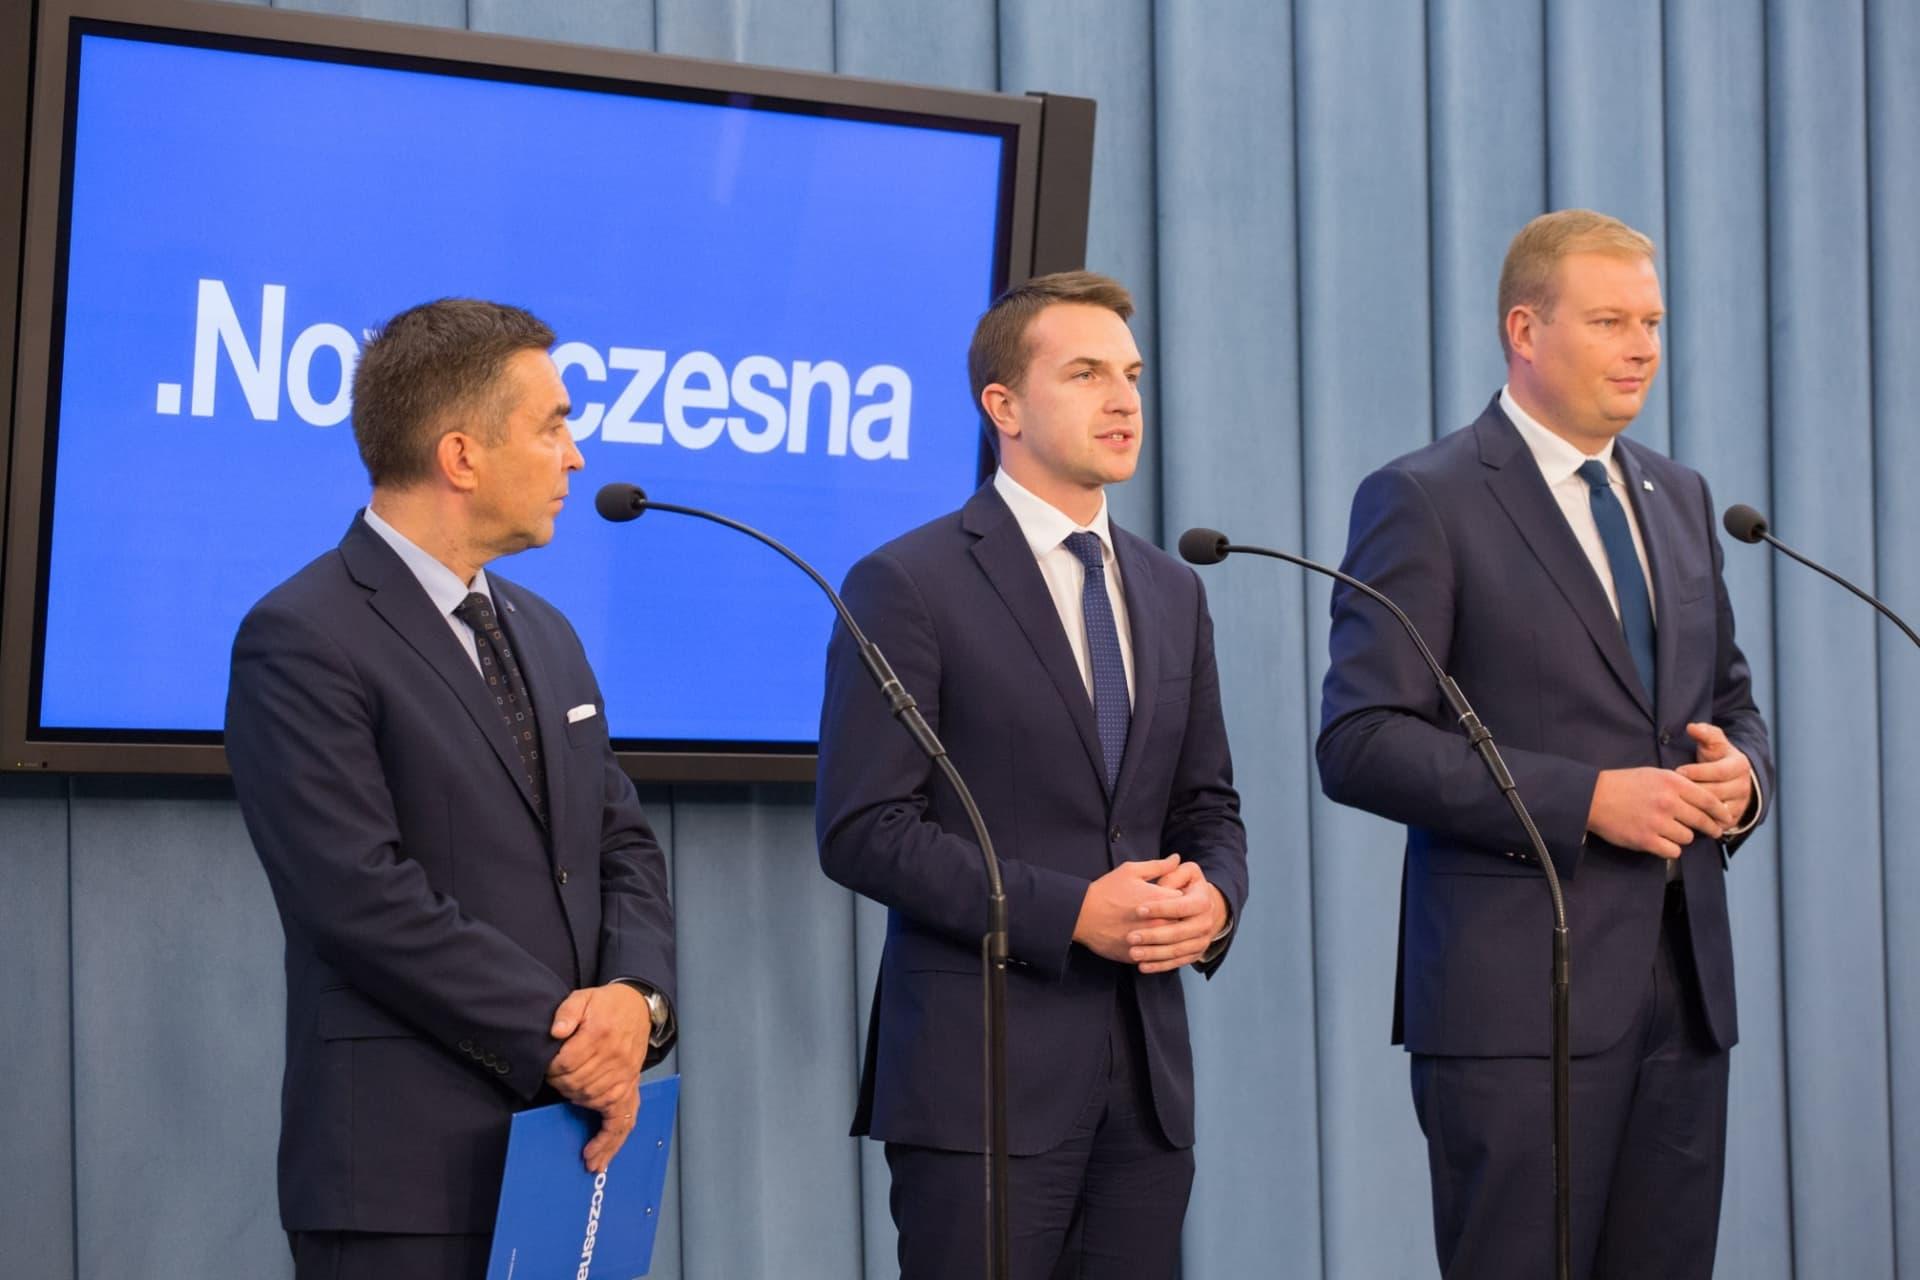 Szłapka, Gryglas Zembaczyński 25.10.2016. o zawłaszczaniu  państwa Nowoczesna (4)